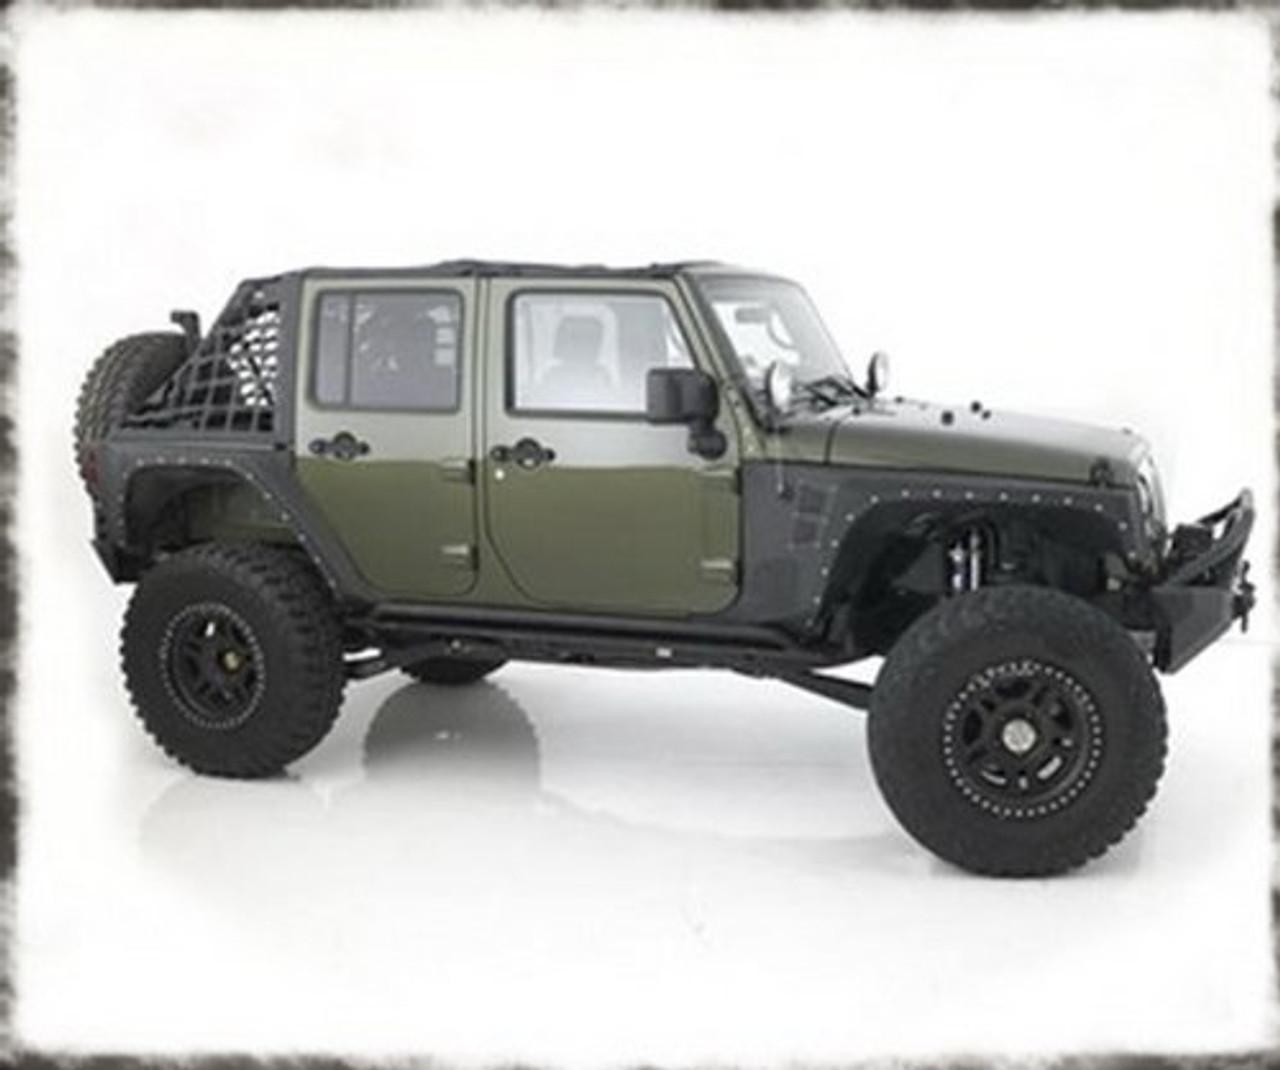 Smittybilt XRC Rear Corner Armor Fender Kit for Jeep JK